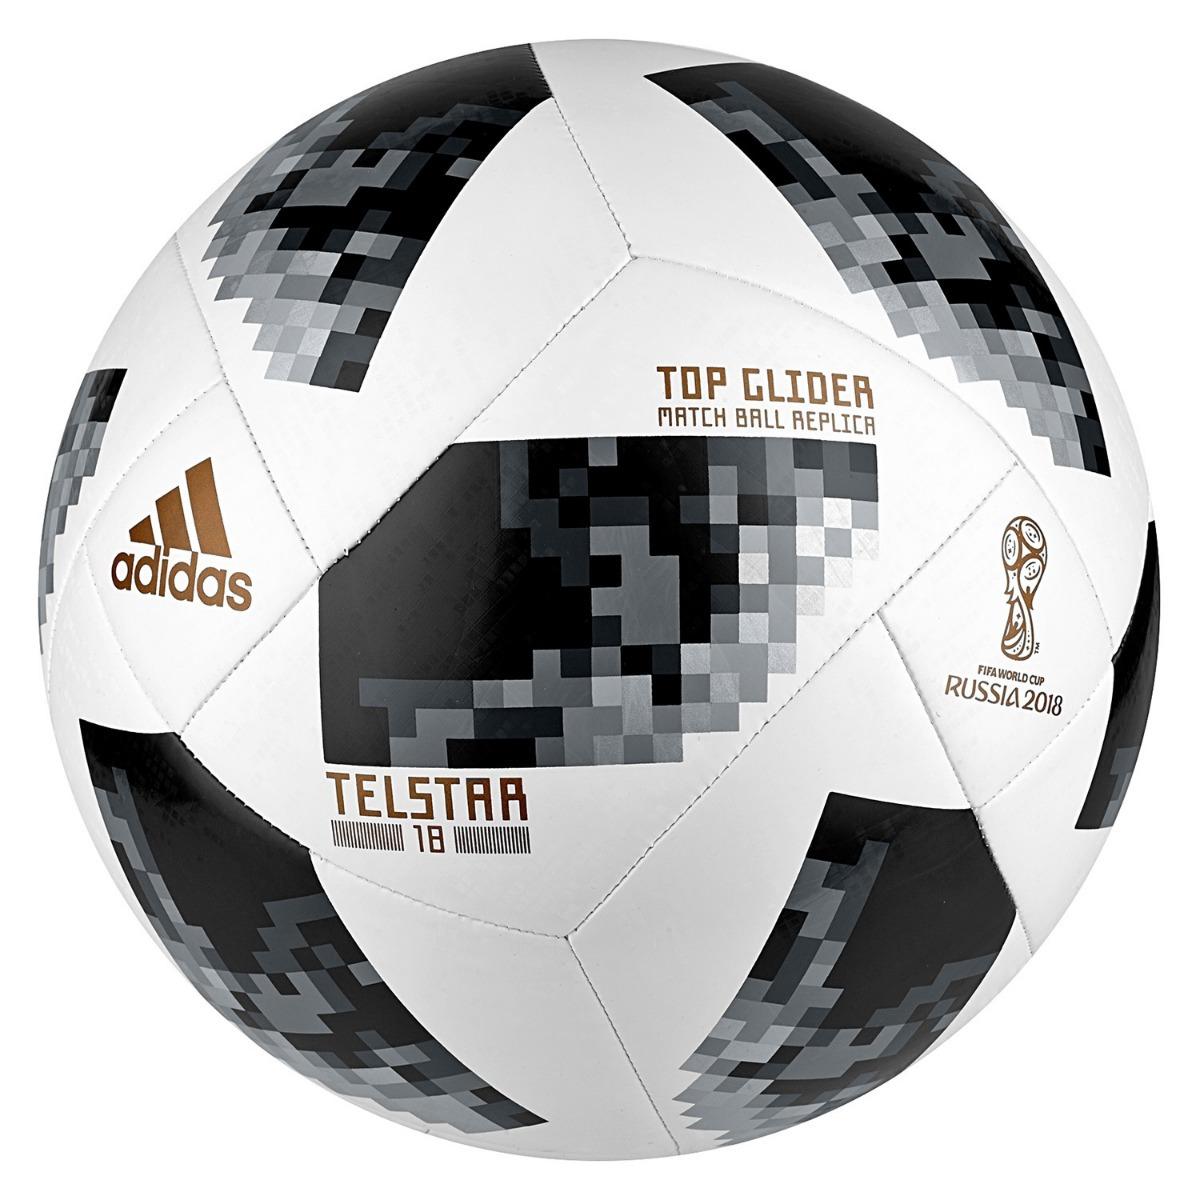 72db96ecb40ec bola oficial adidas telstar copa do mundo rússia 2018 campo. Carregando  zoom.